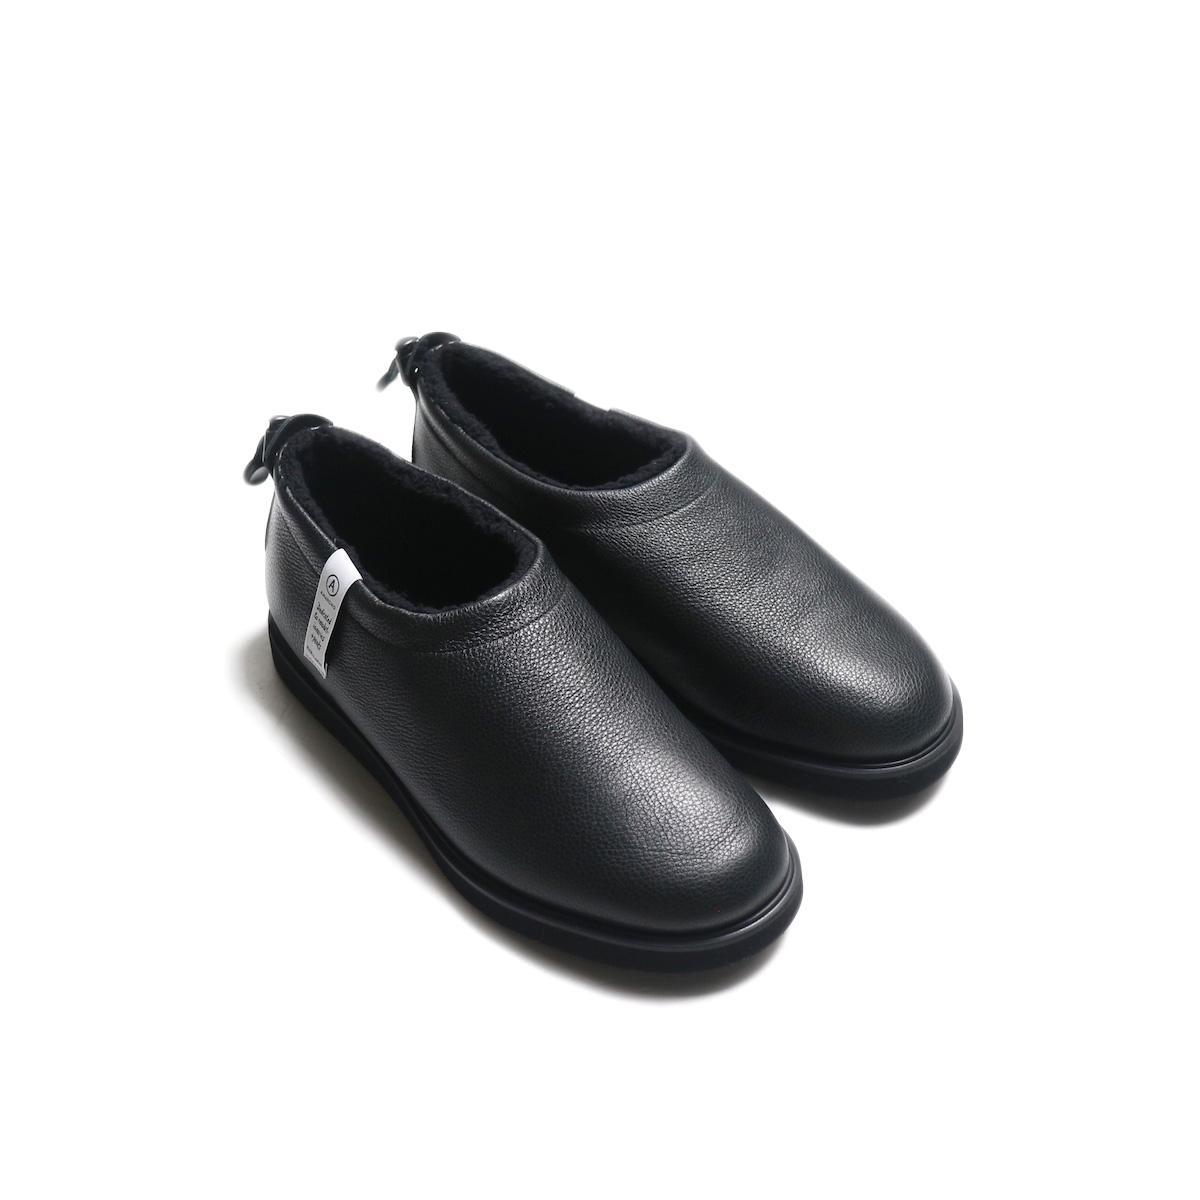 foot the coacher / FT-MOC (Black)